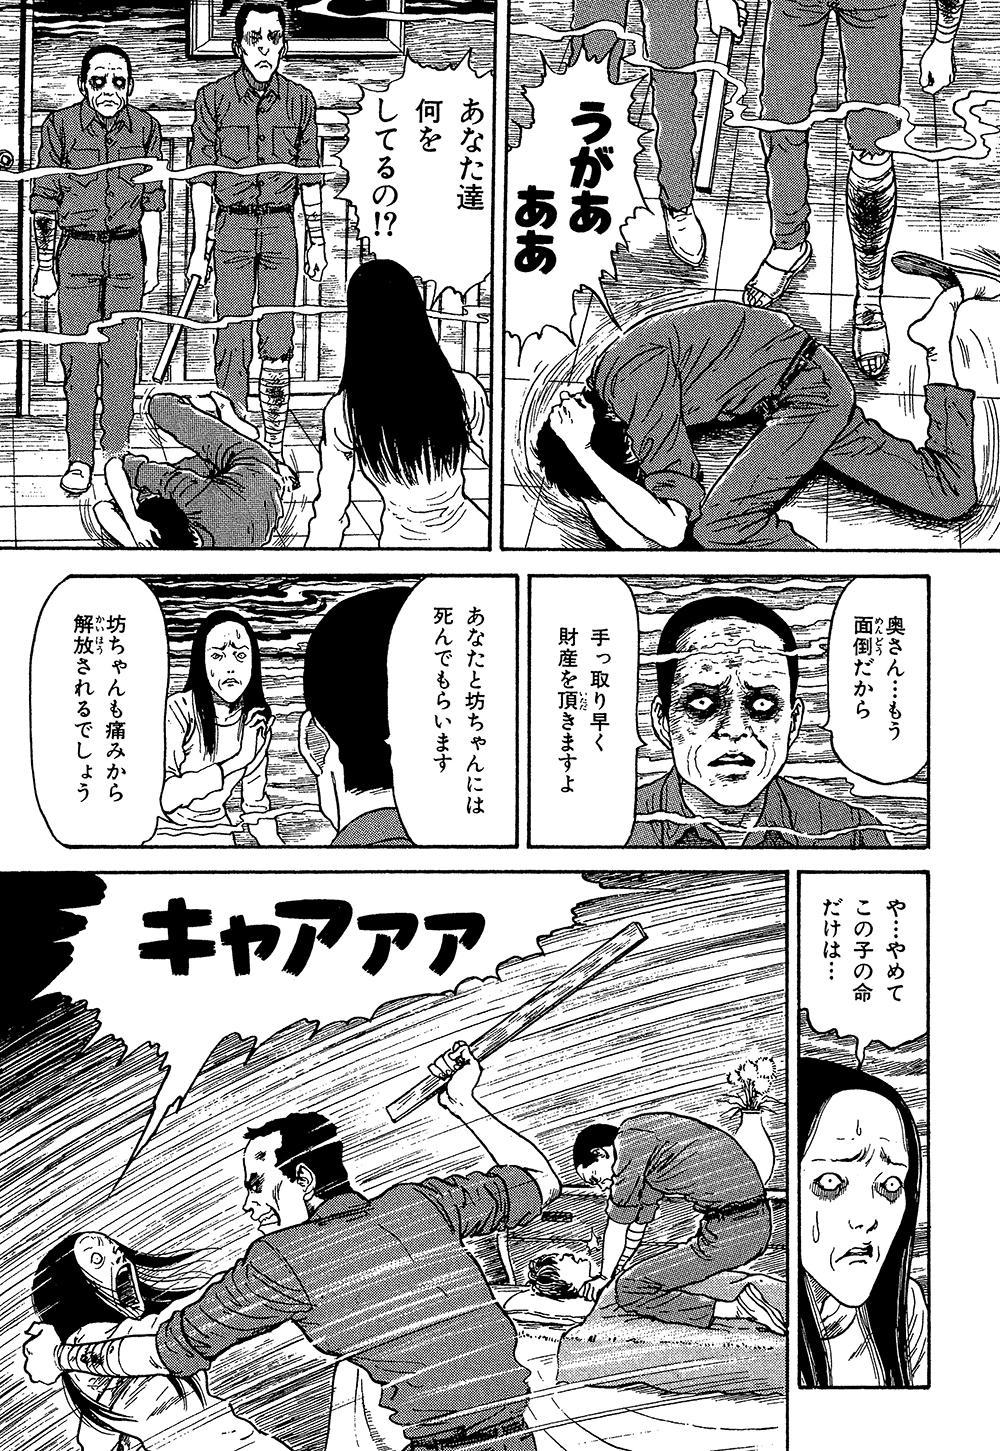 itouj_0004_0363.jpg